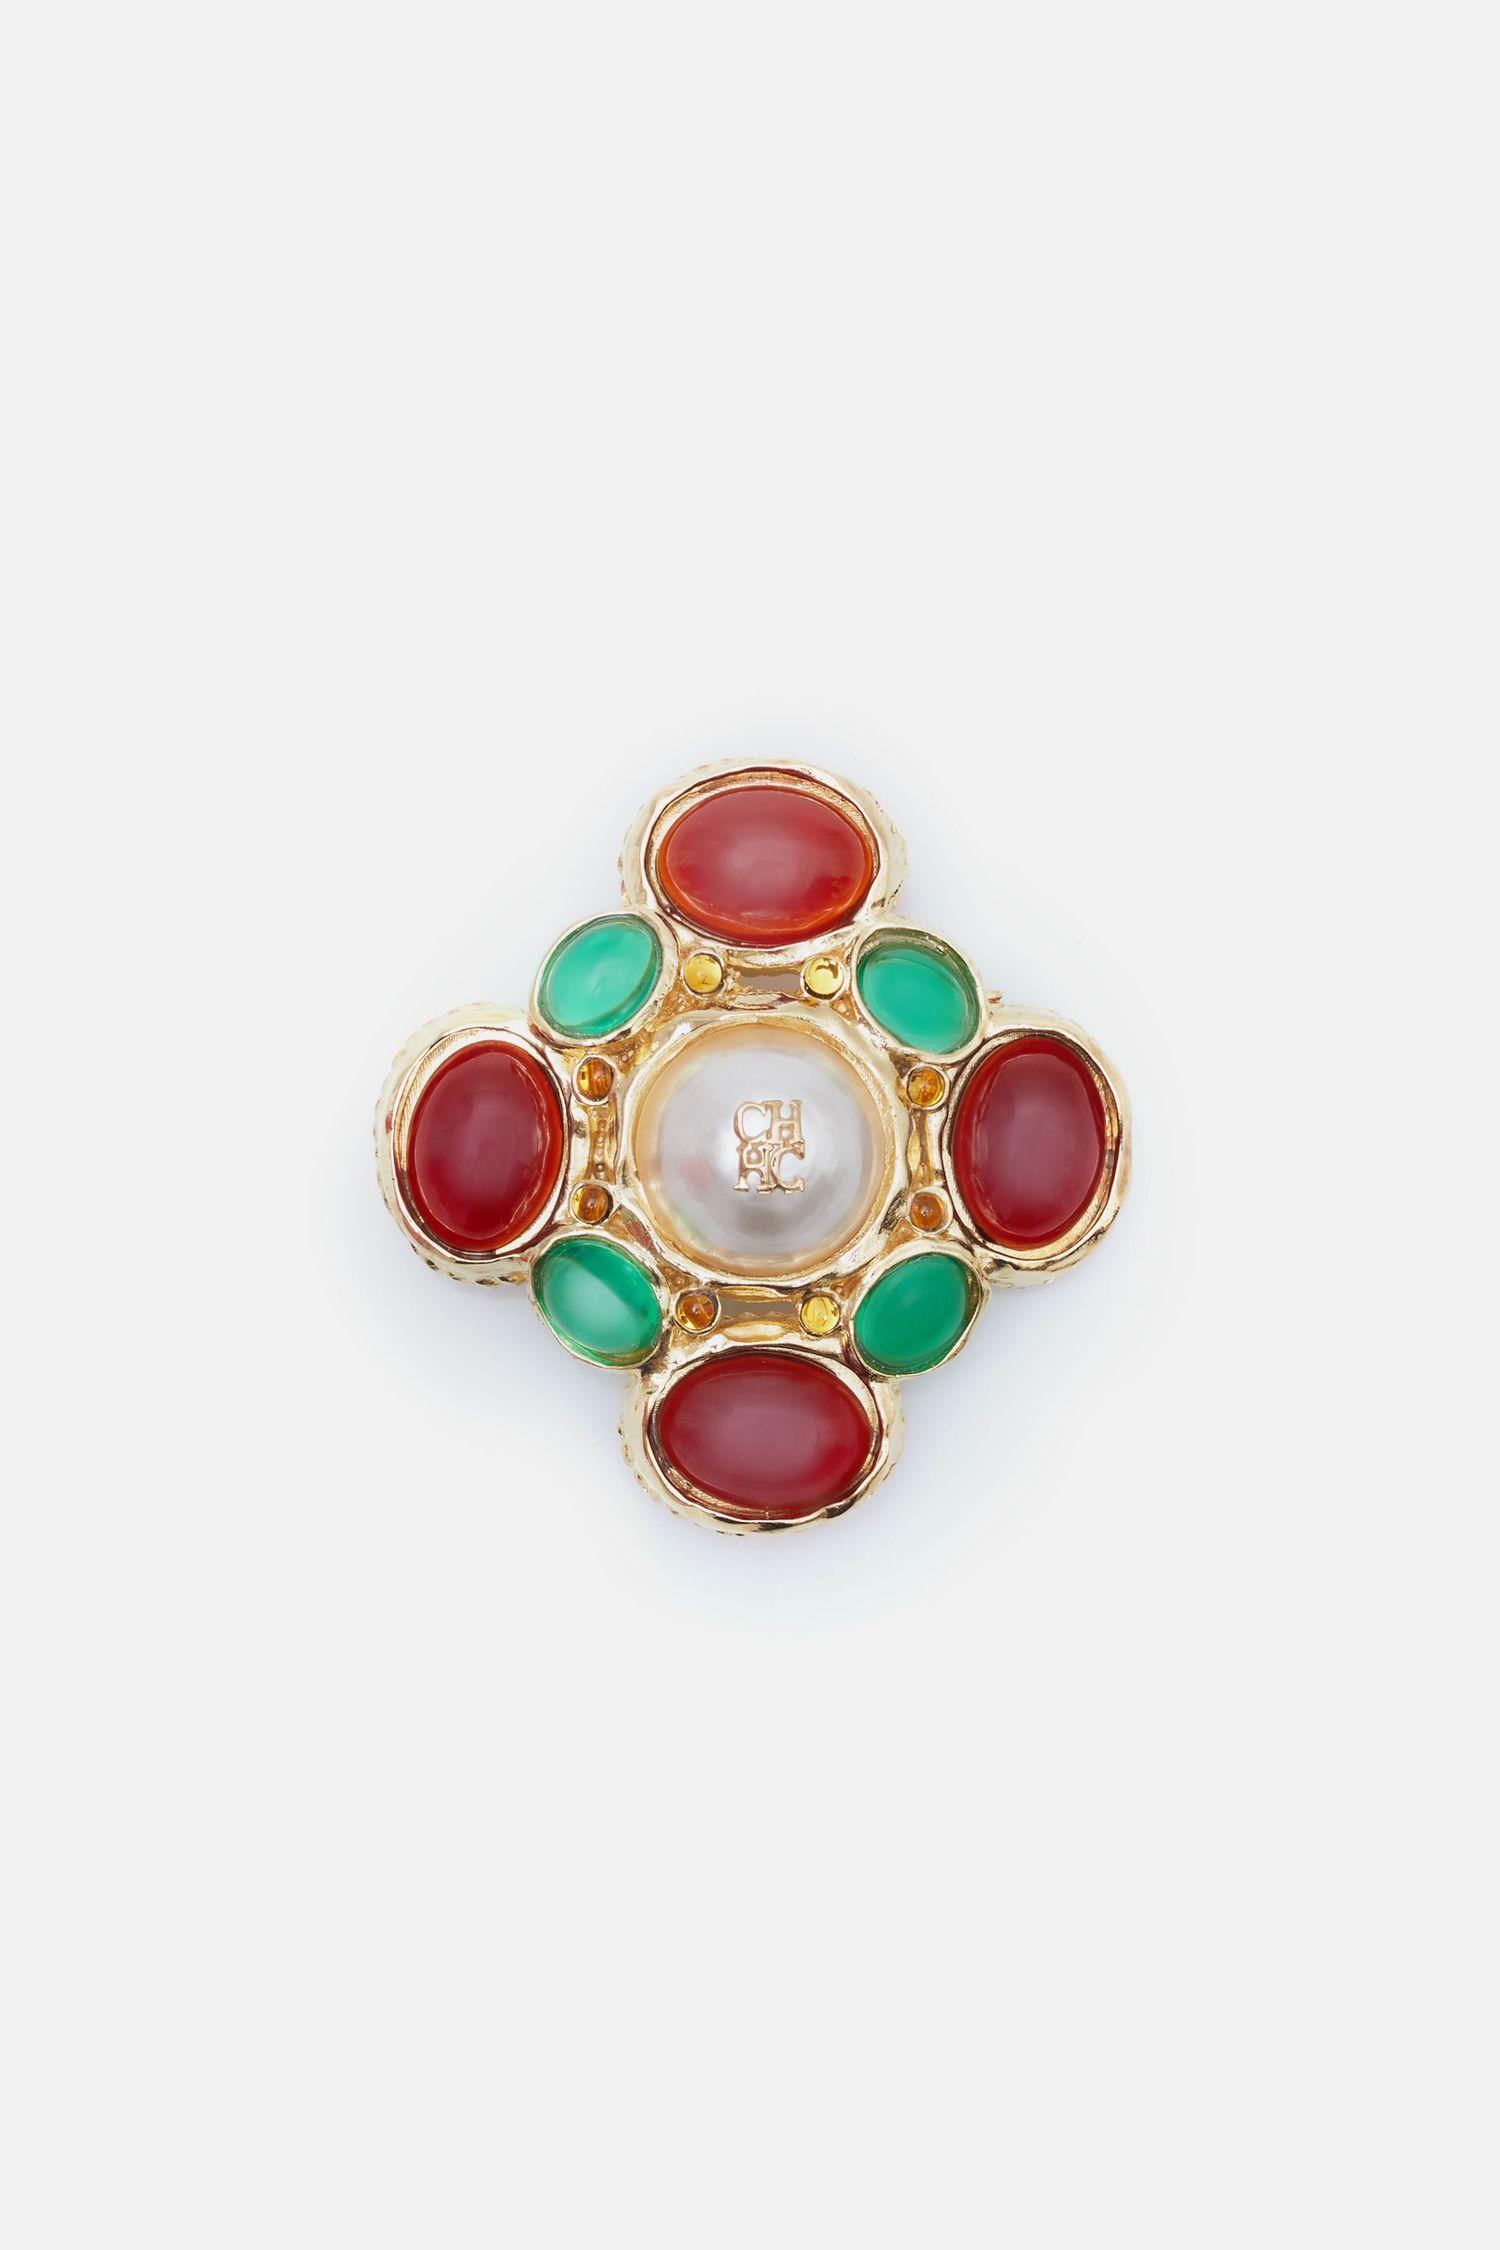 Byzantine brooch